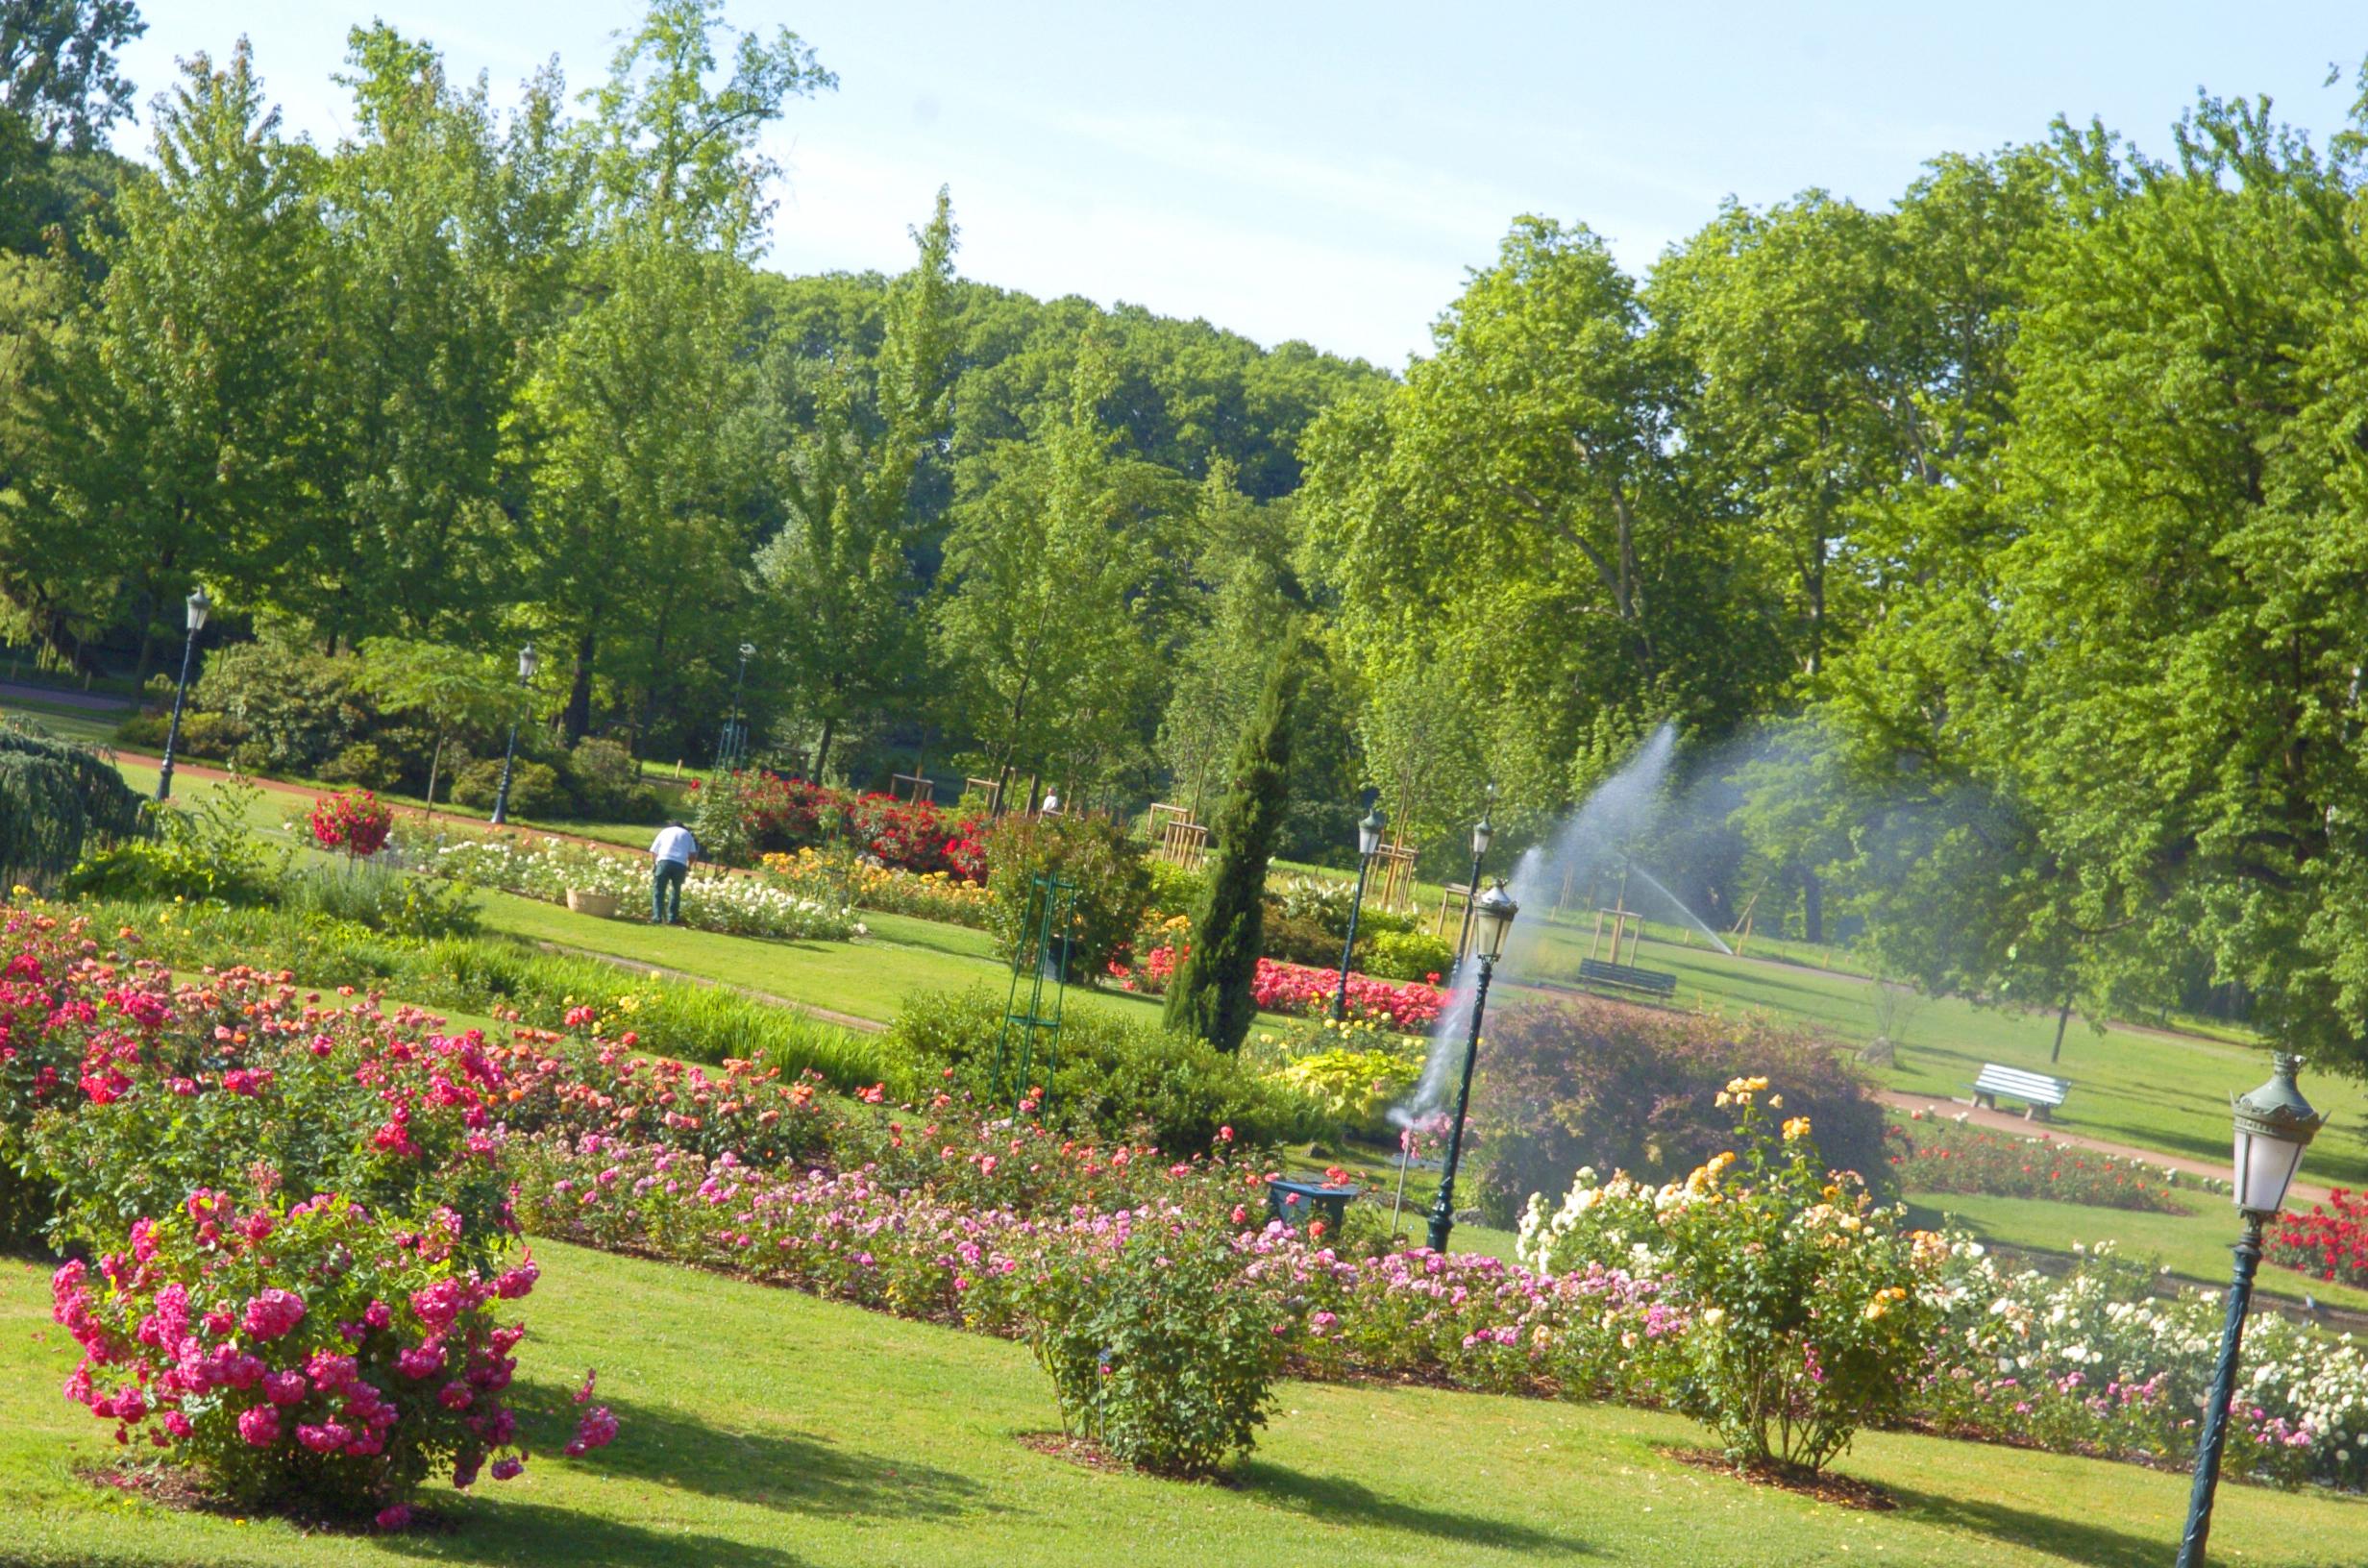 Vue générale / Parc de la Tête d'or / Roseraie